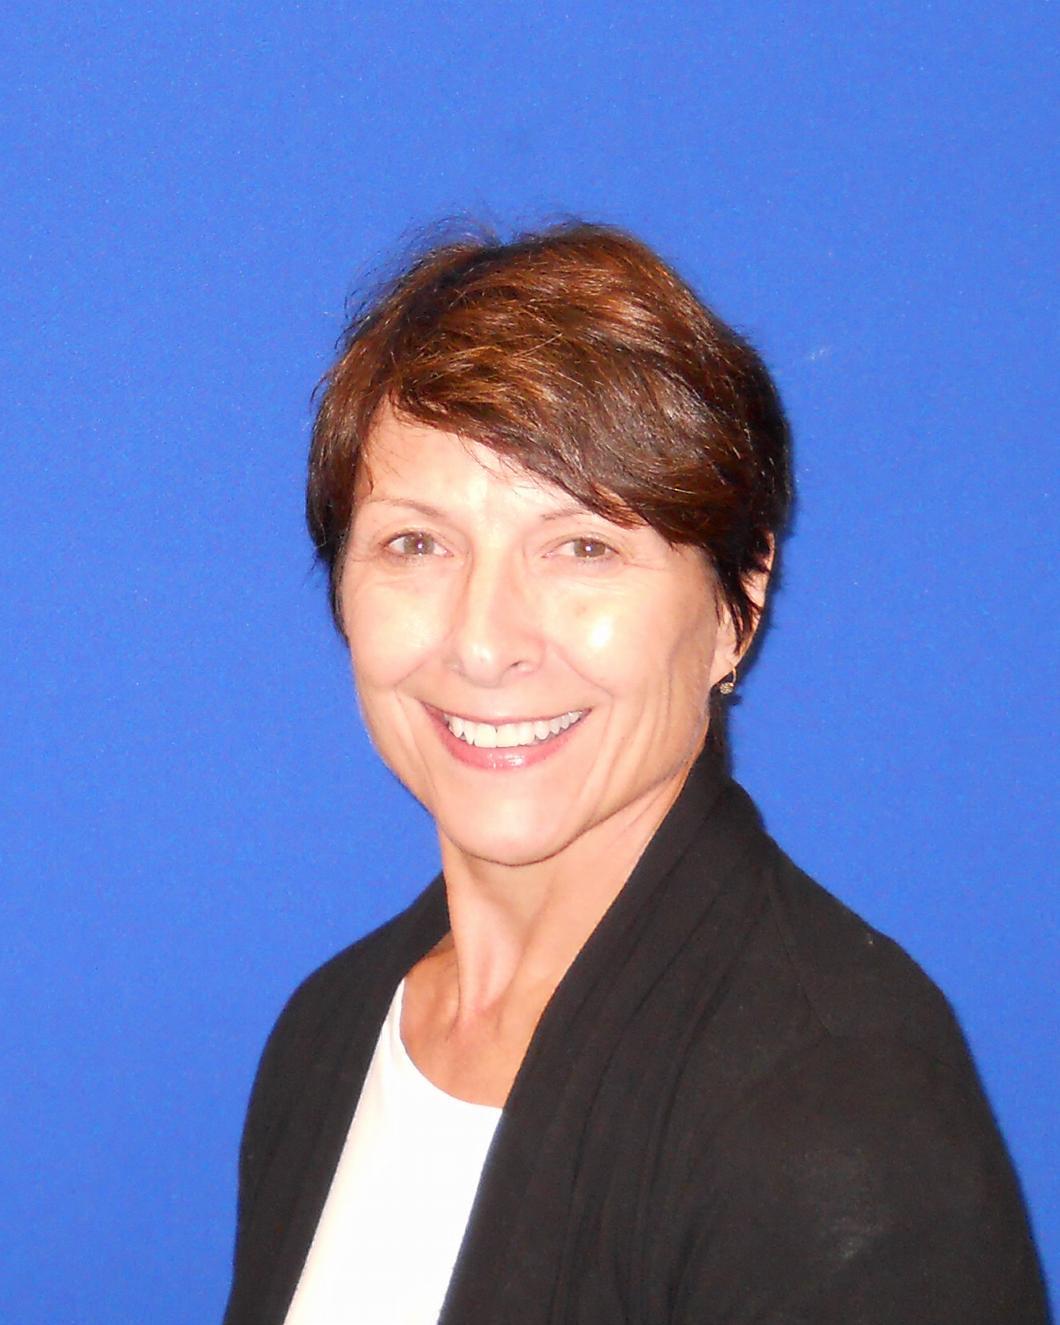 photo of JAAKKOLA TERESA